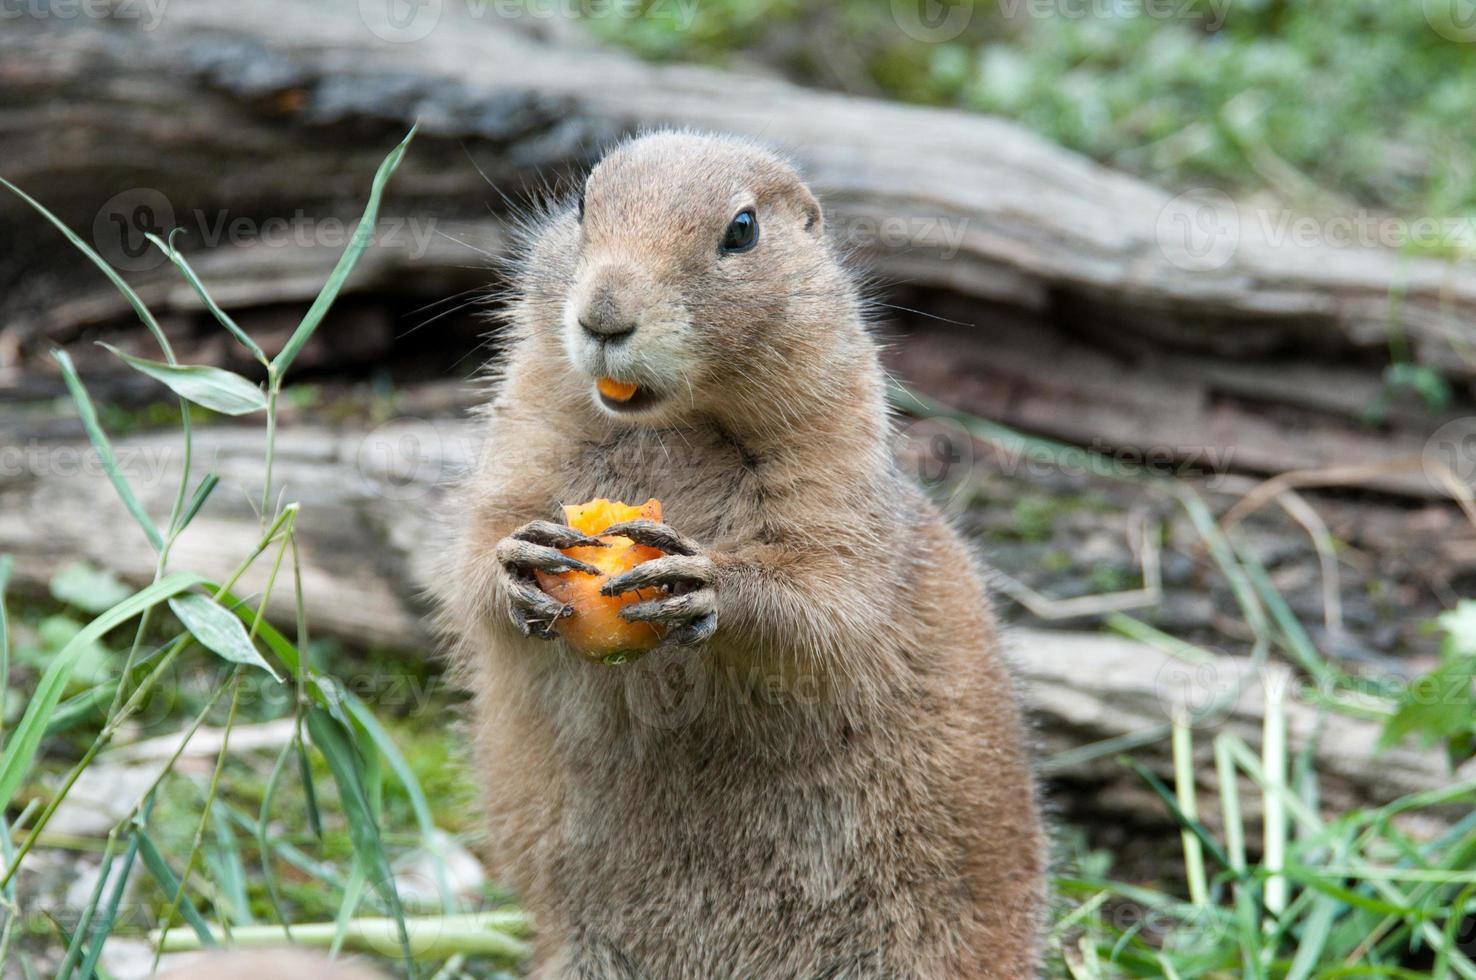 Prairiehond die met zwarte staart een wortel eet foto